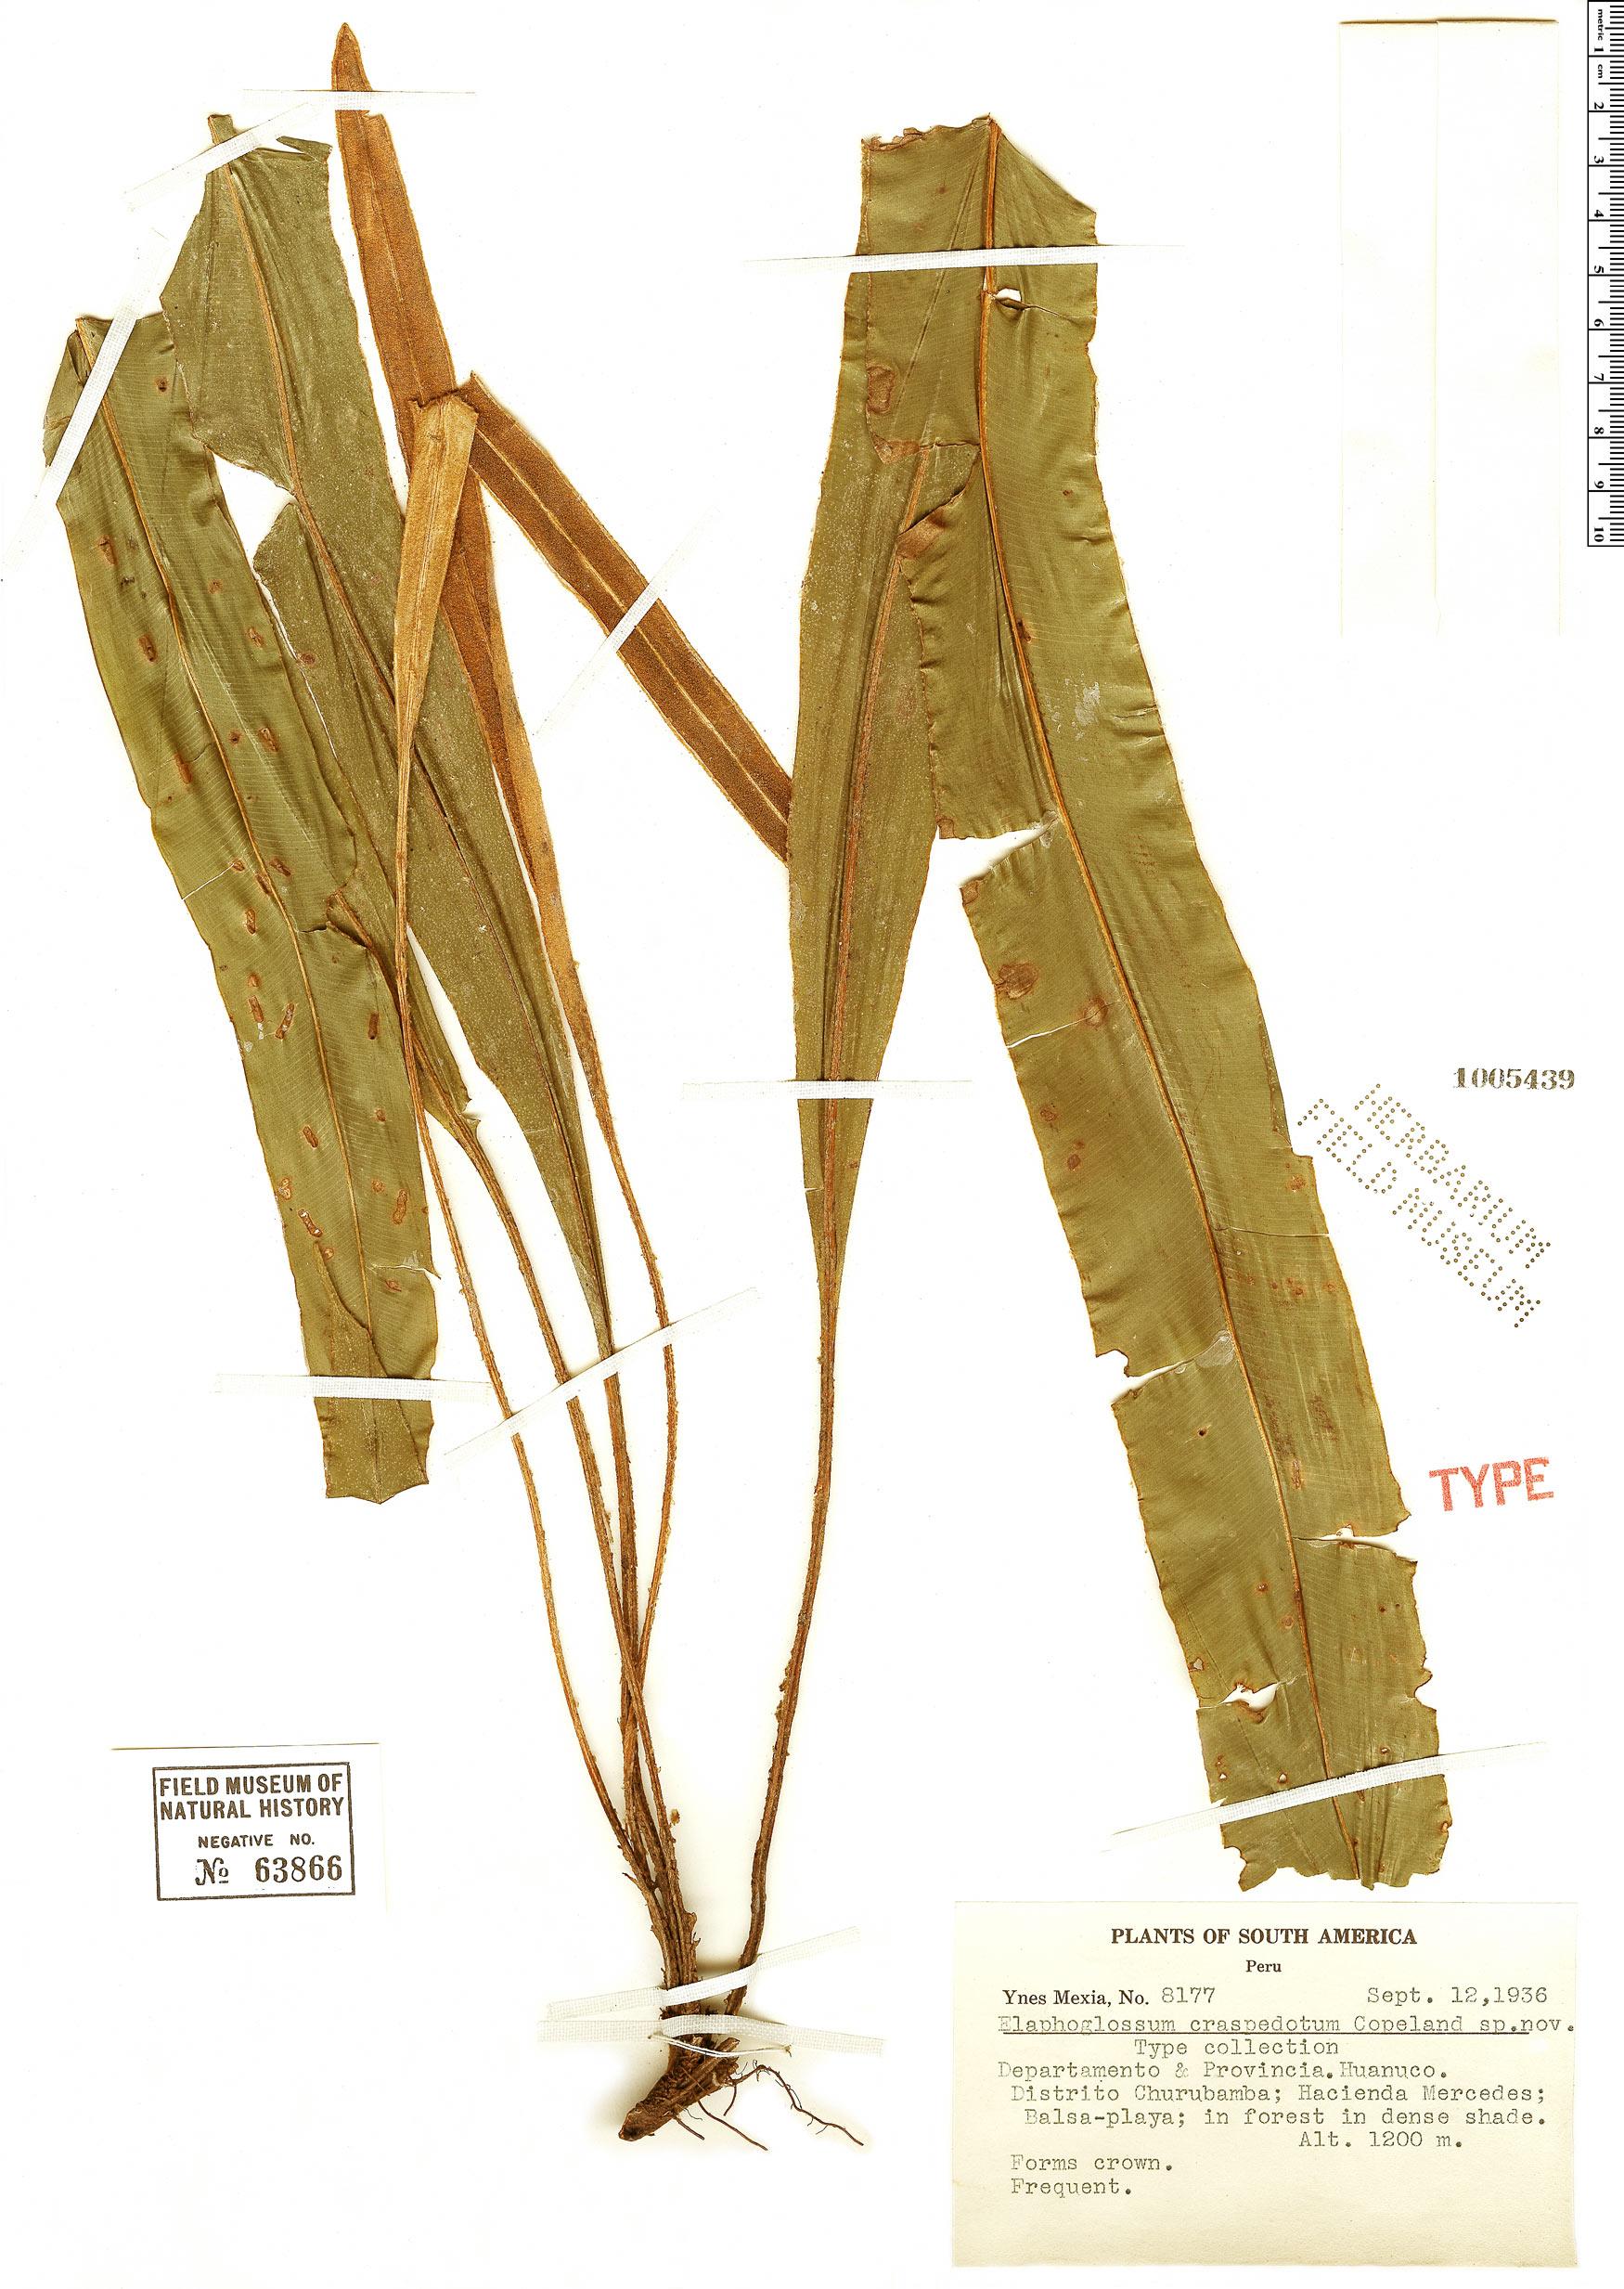 Specimen: Elaphoglossum craspedotum